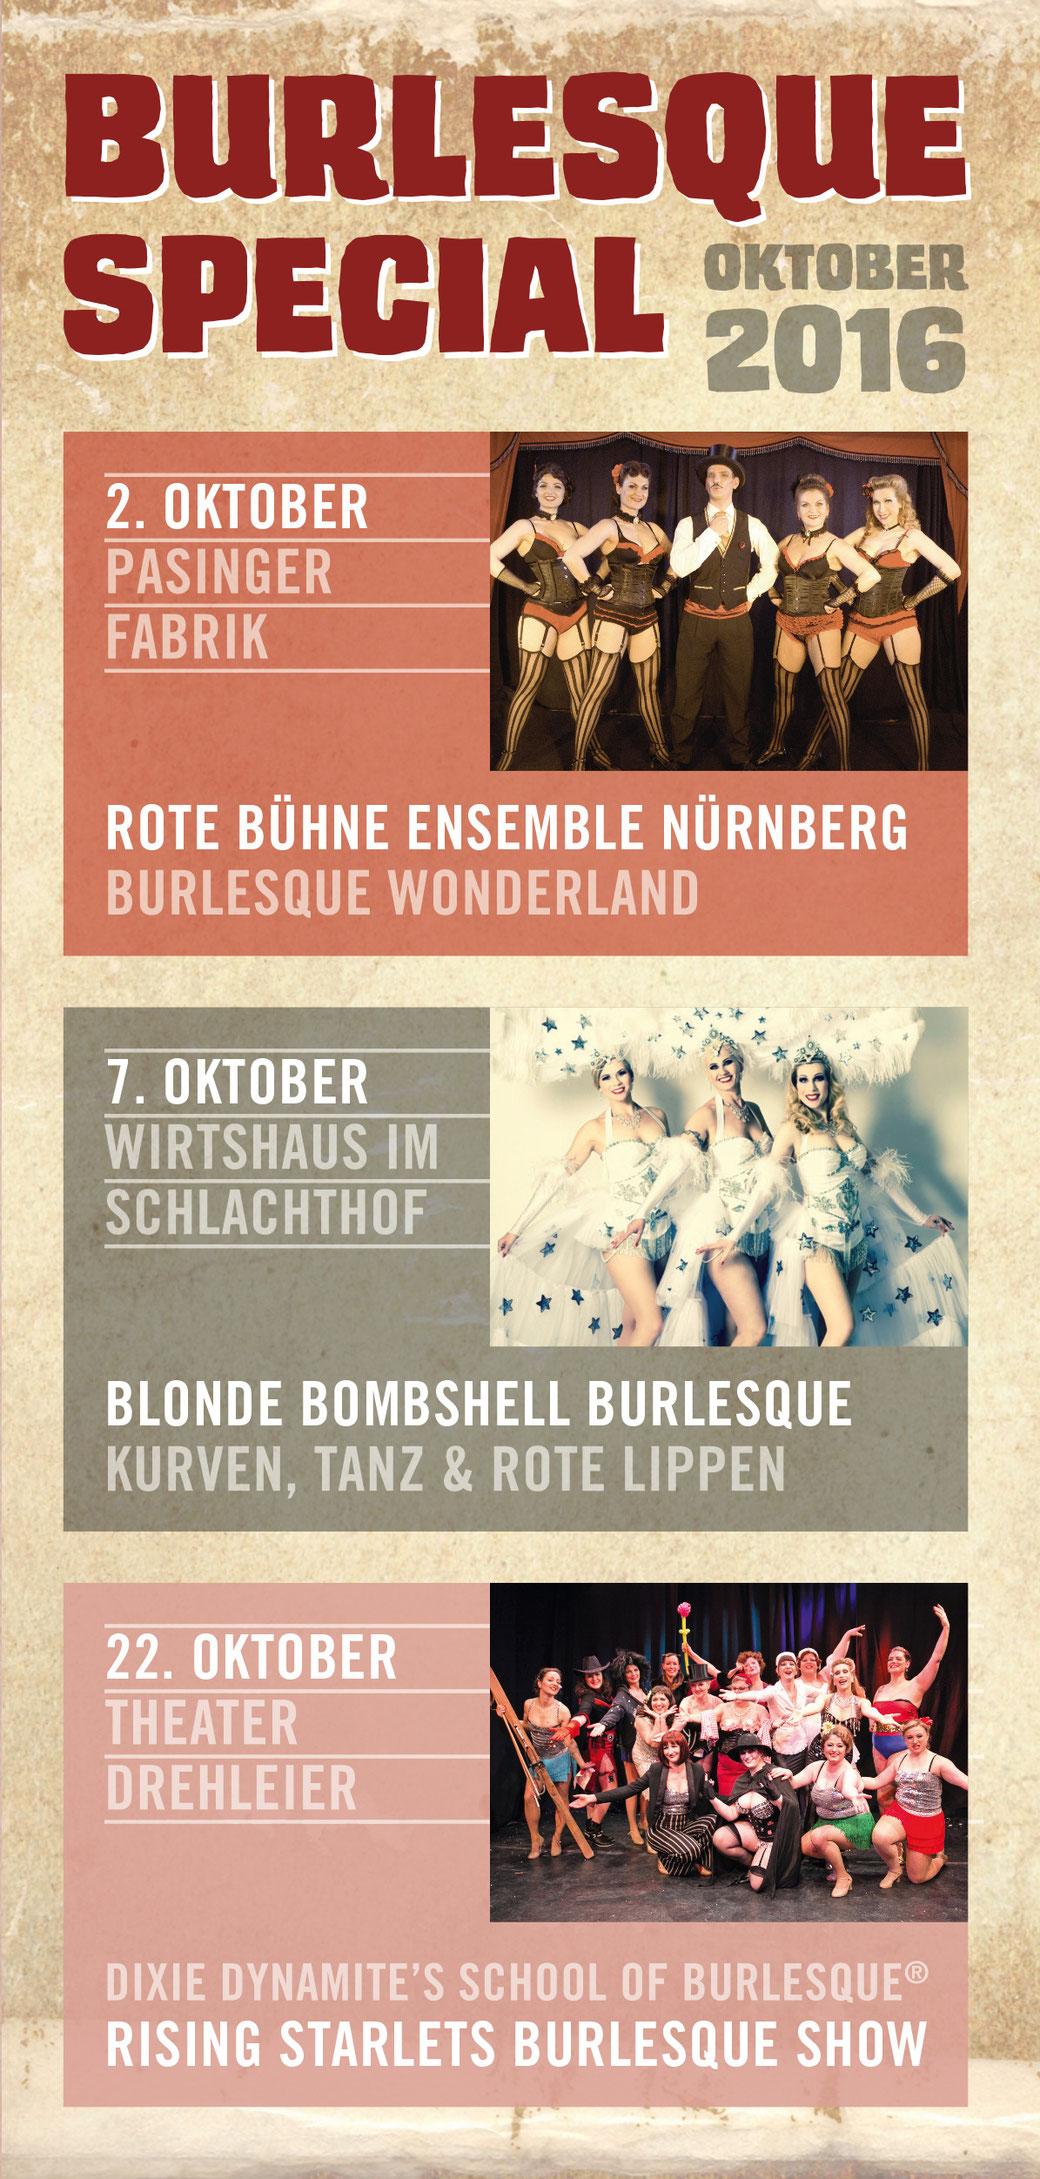 Der Oktober 2016 ist ein richtiger Burlesque-Monat in München. Gleich drei verschiedene Burlesque-Shows von und mit Dixie Dynamite und ihren Ensembles.